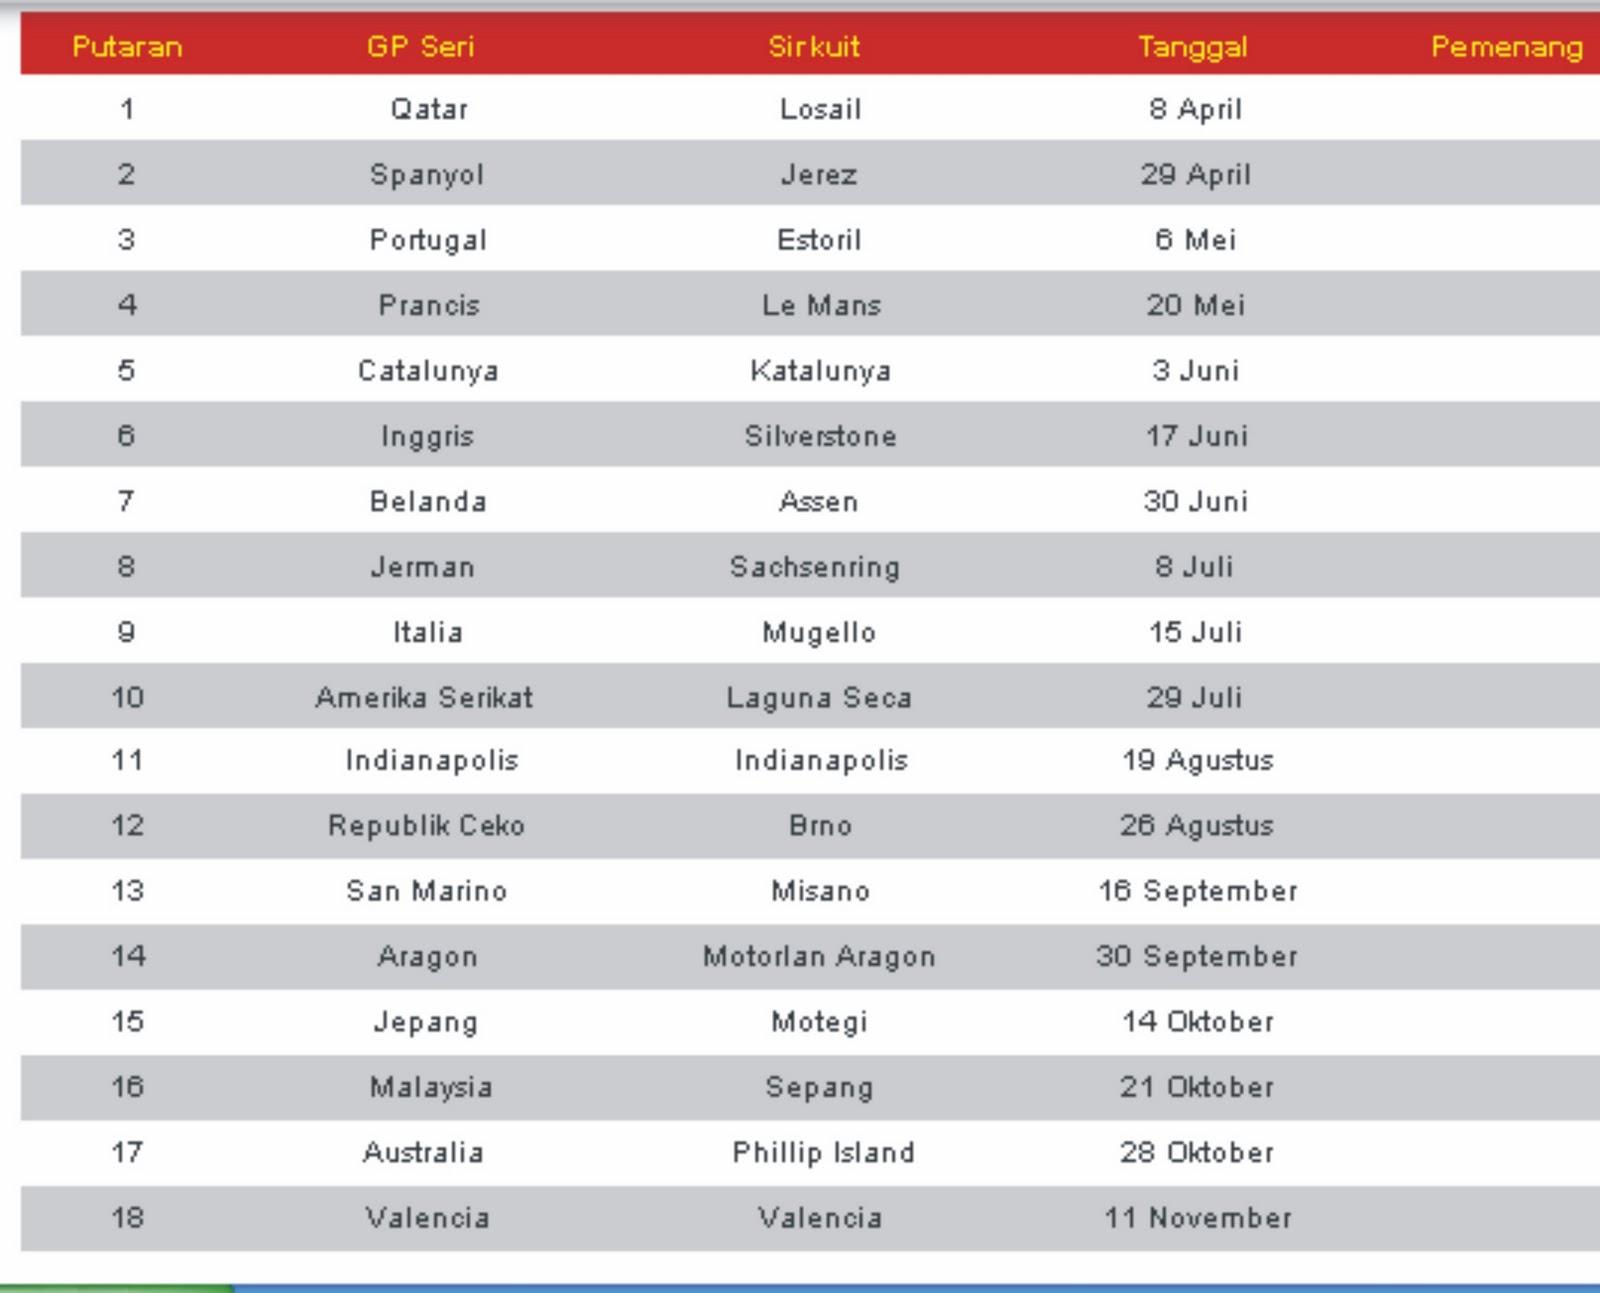 Jadwal Moto GP 2012-2013